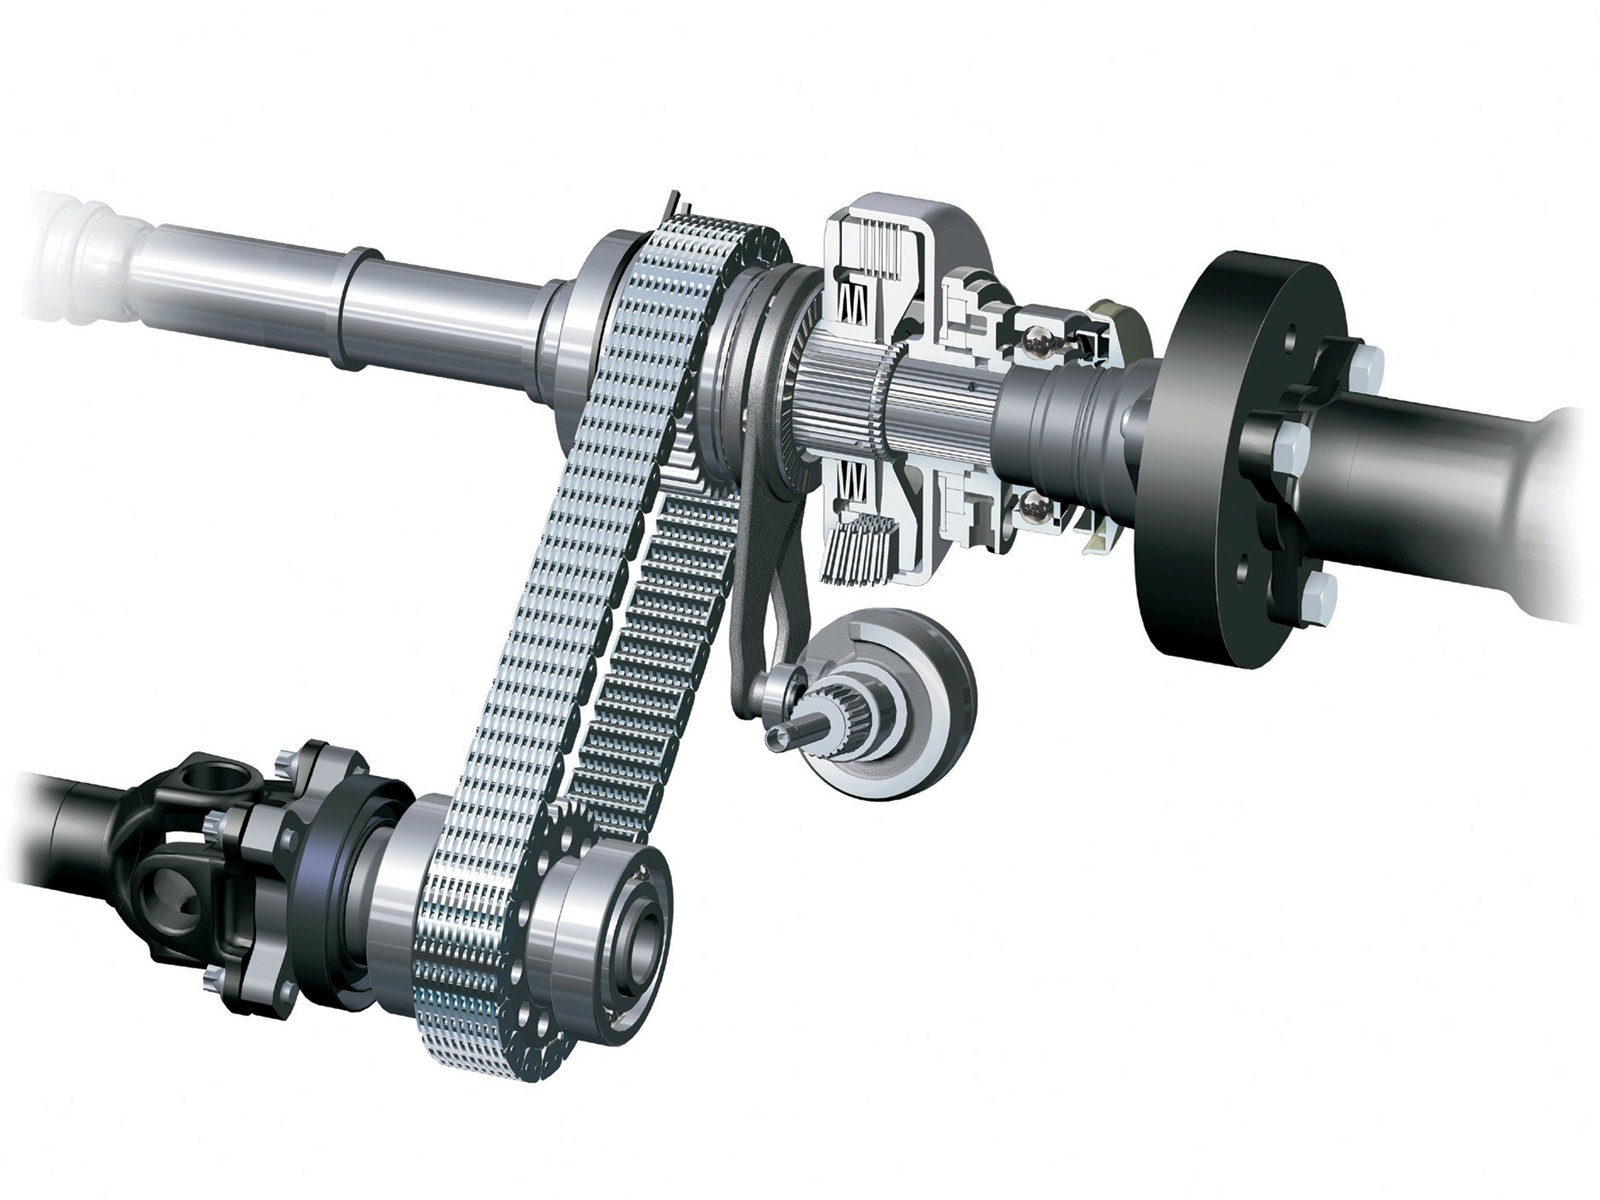 Boite-de-transfert-BMW-X3-5.jpg